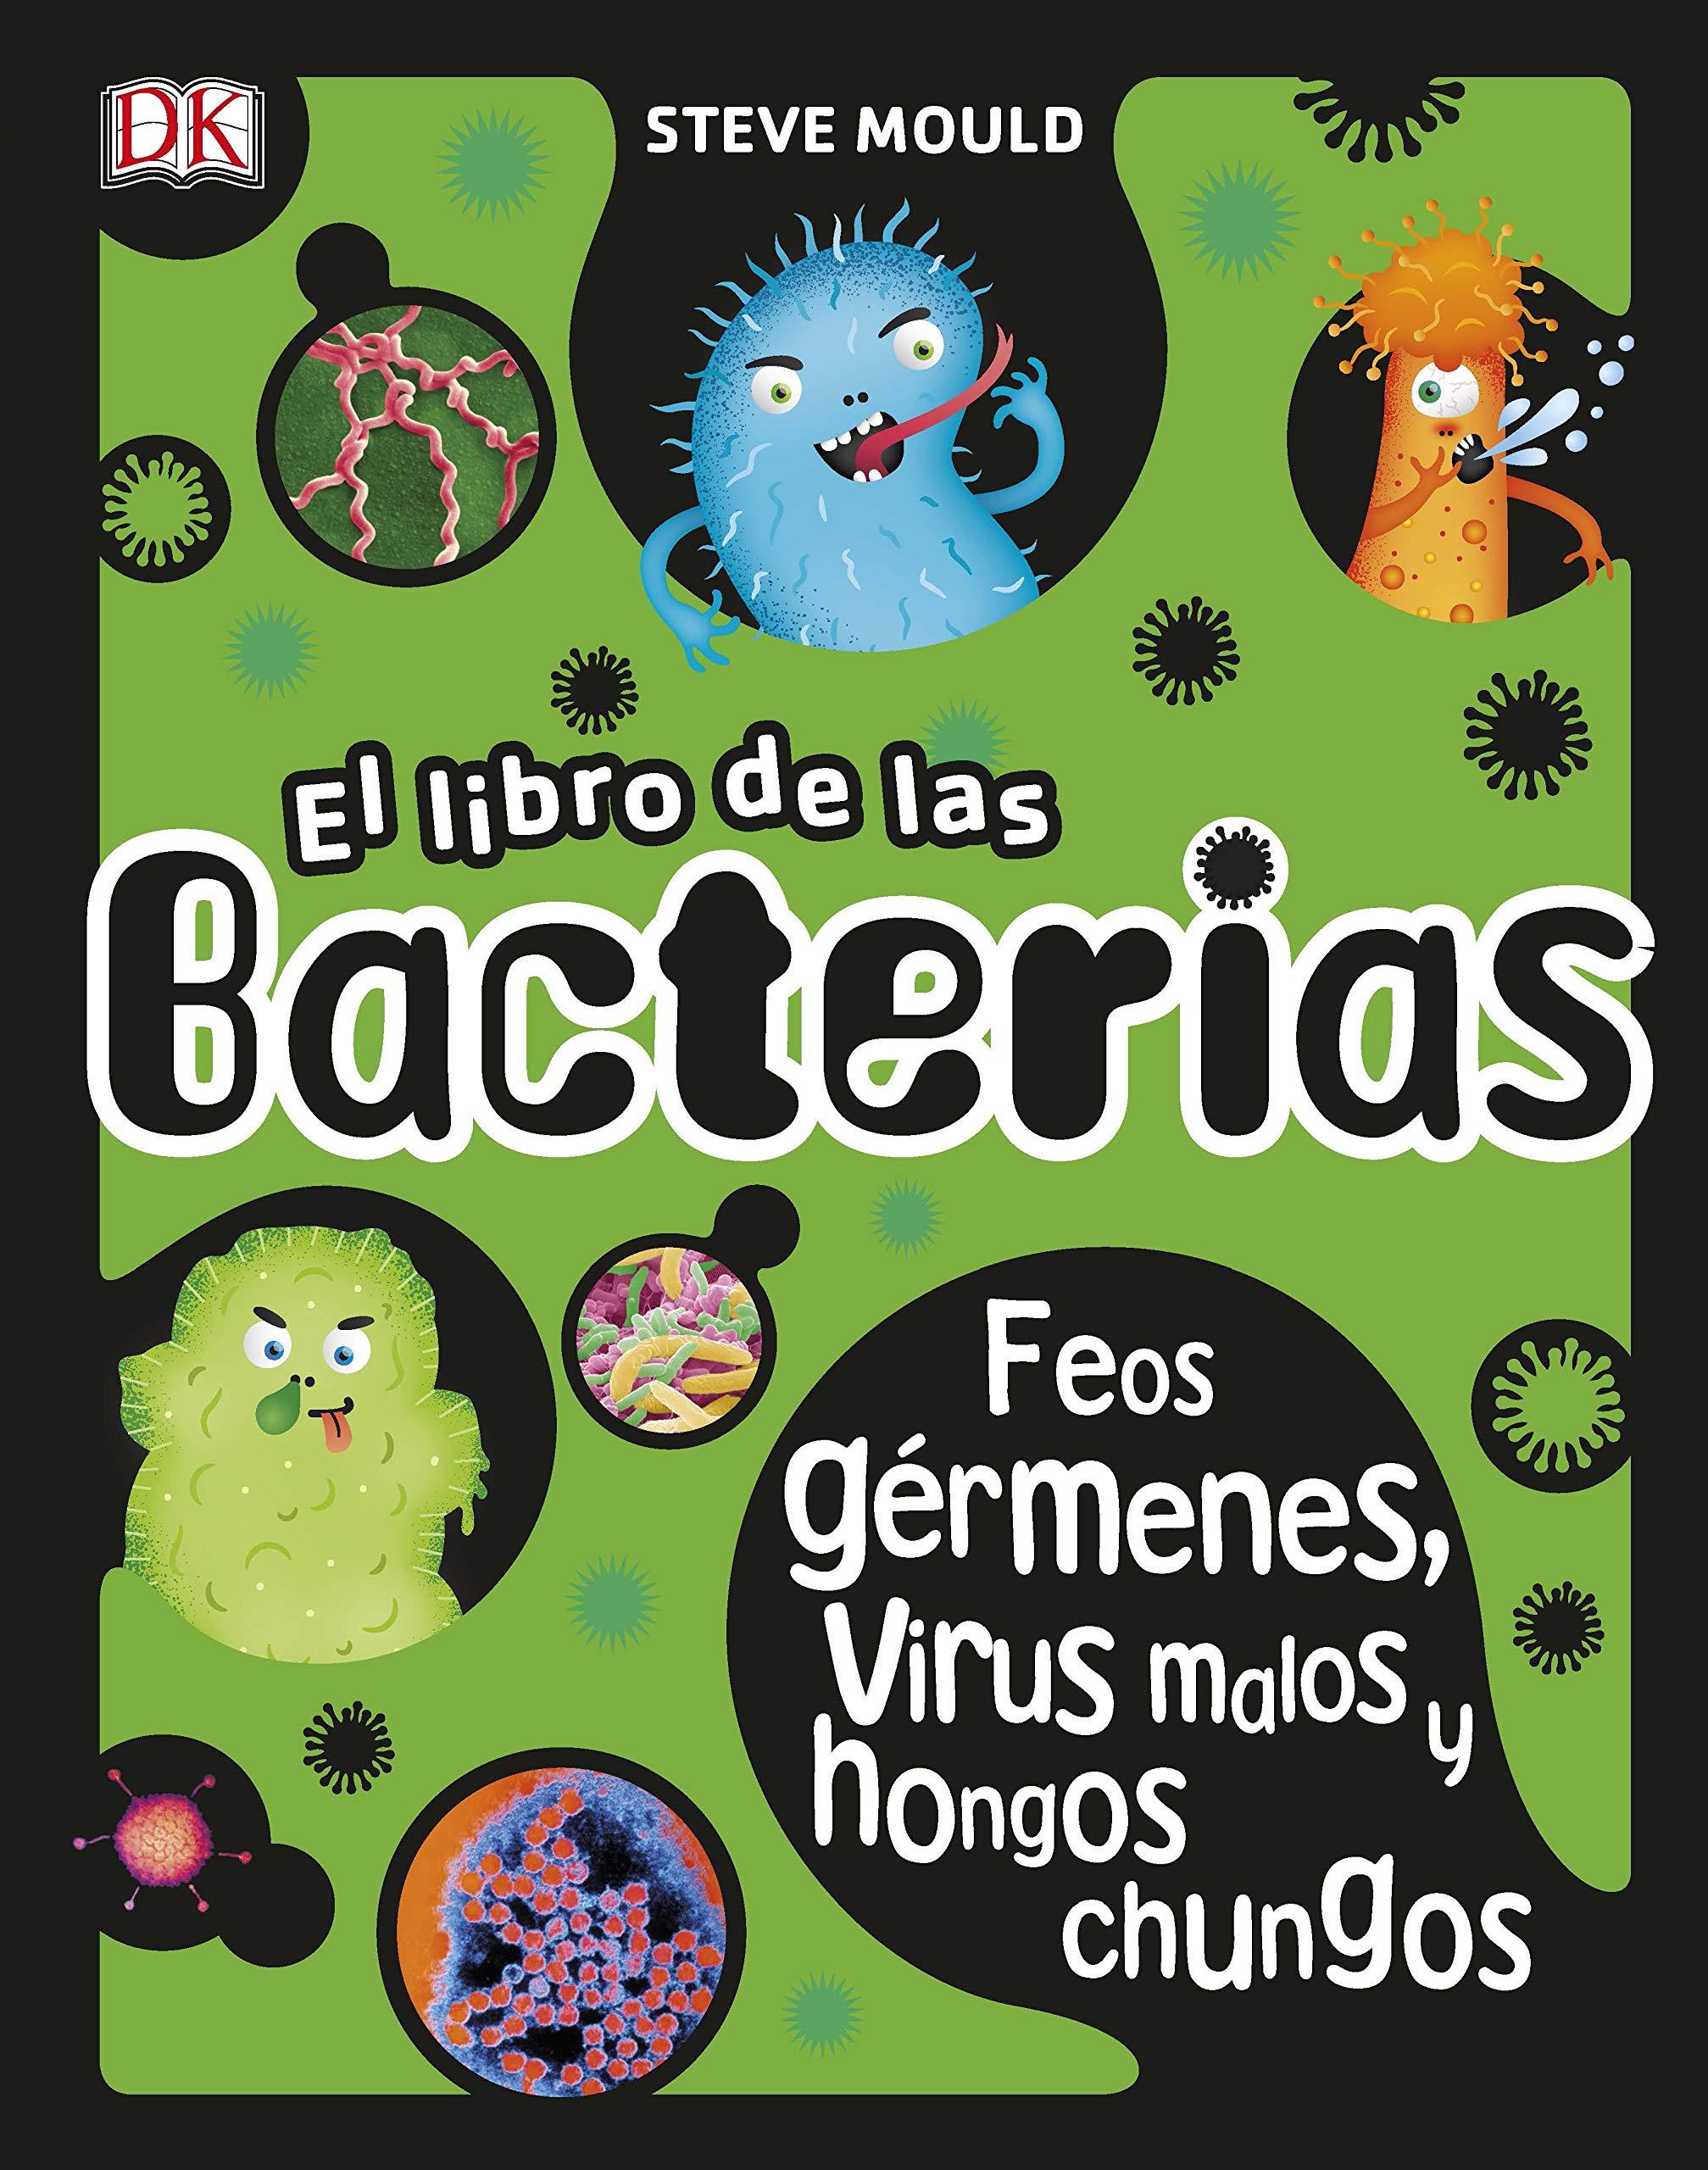 El libro de las bacterias: Feos gérmenes, virus malos y hongos chungos Aprendizaje y desarrollo: Amazon.es: Varios autores: Libros